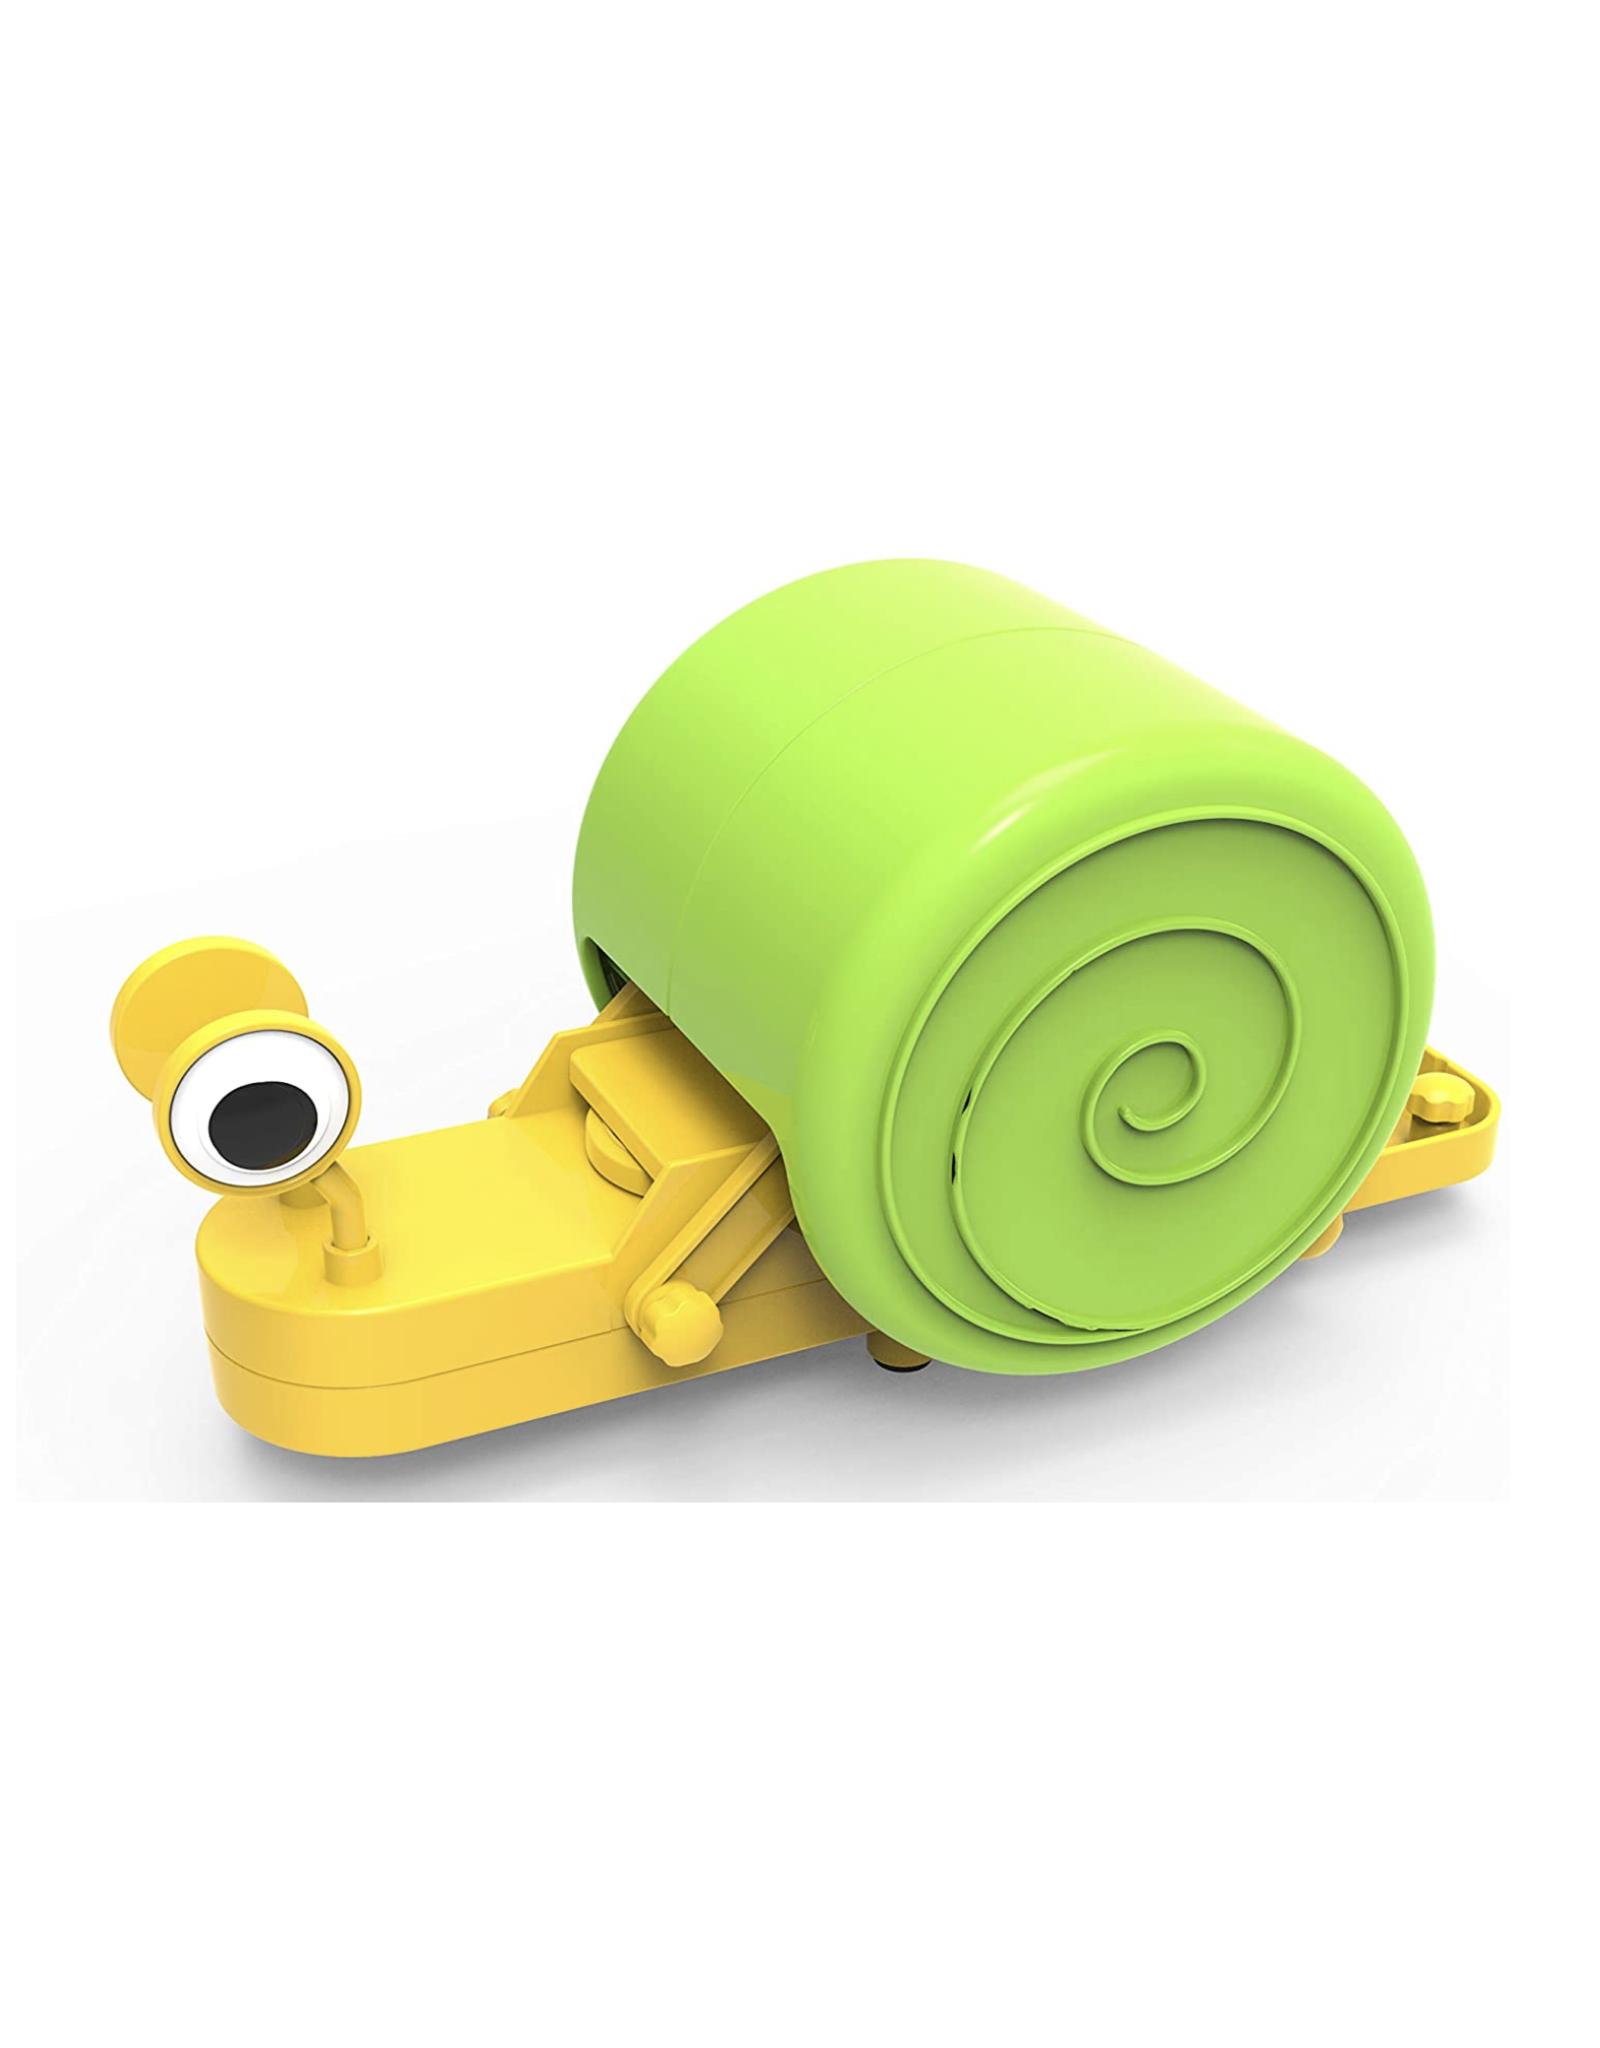 Snail Robot